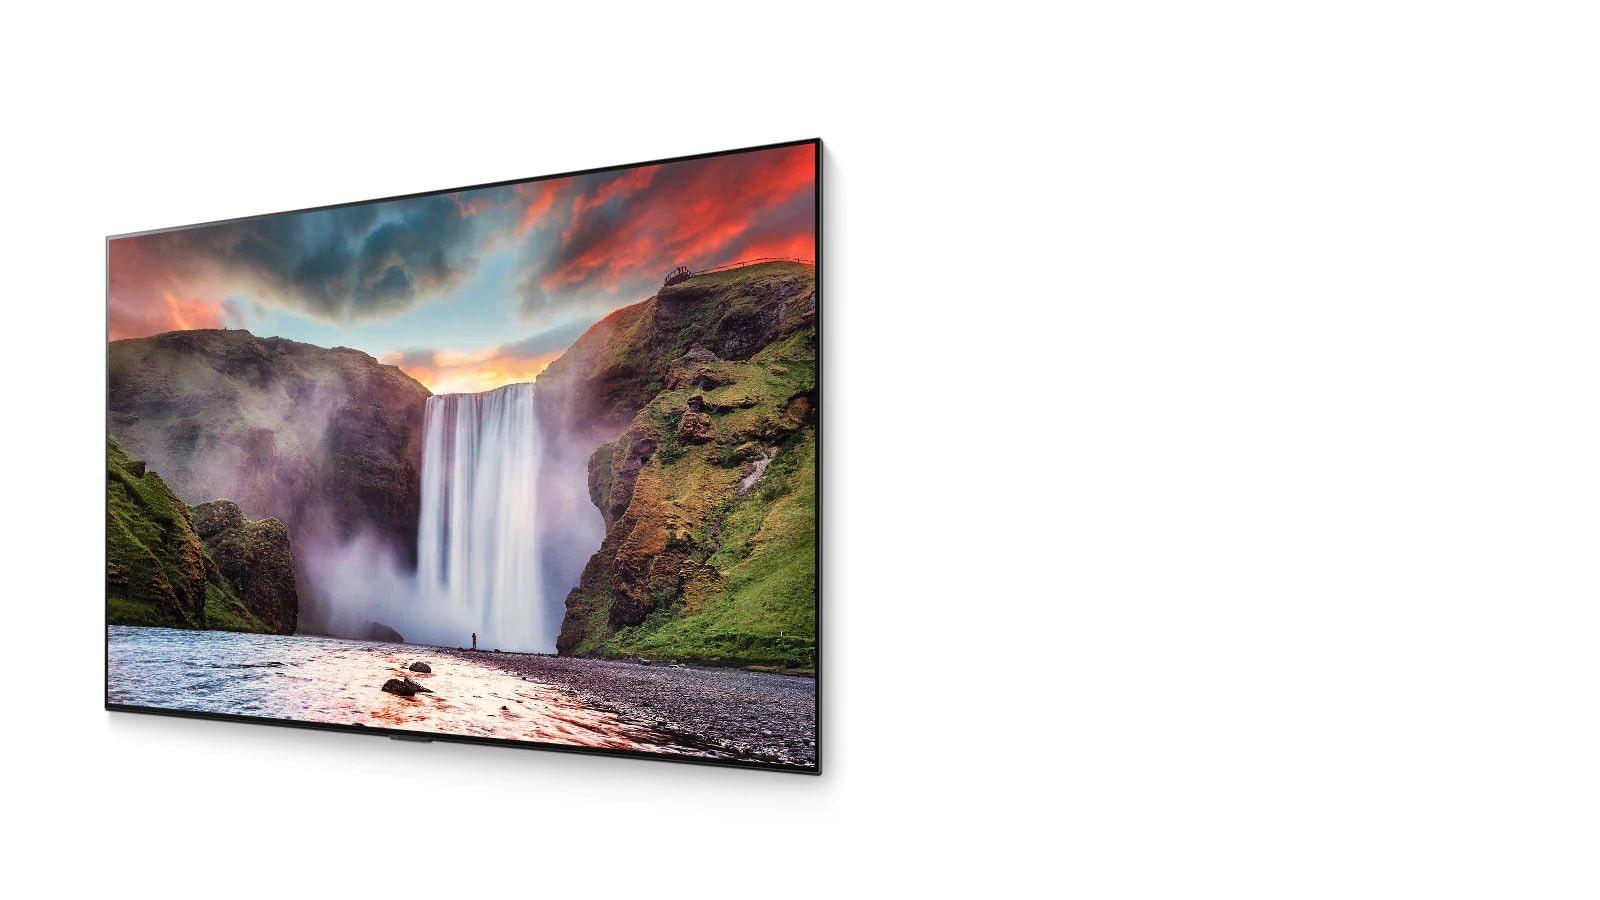 Ein spektakulärer Wasserfall mit schöner Landschaft, wiedergegeben auf einem OLED TV (Video abspielen)